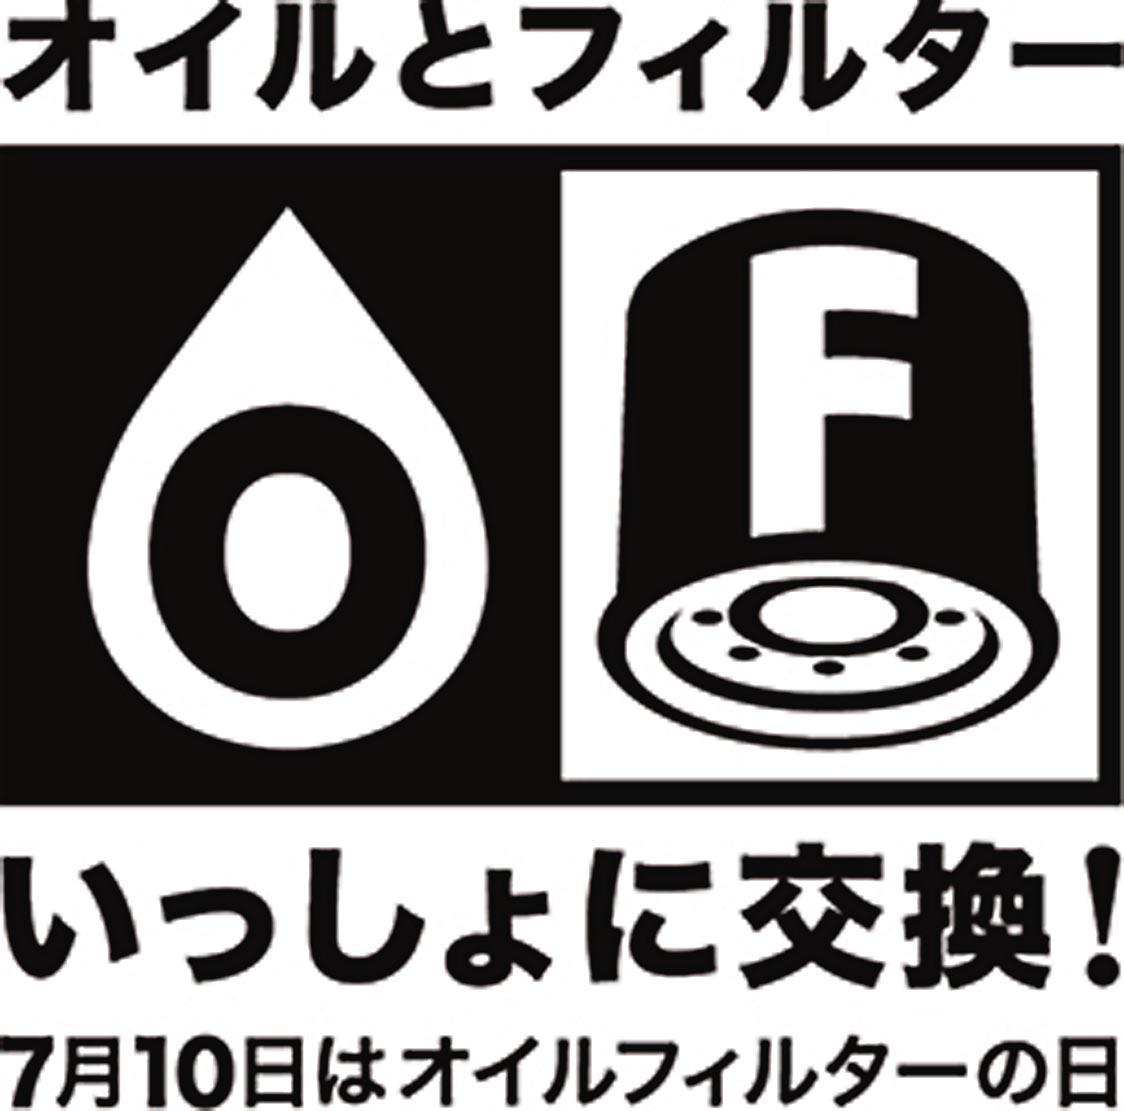 日本フィルターエレメント工業会、7/10は「オイルフィルターの日」 オイルとフィルター同時交換推奨動画を公開